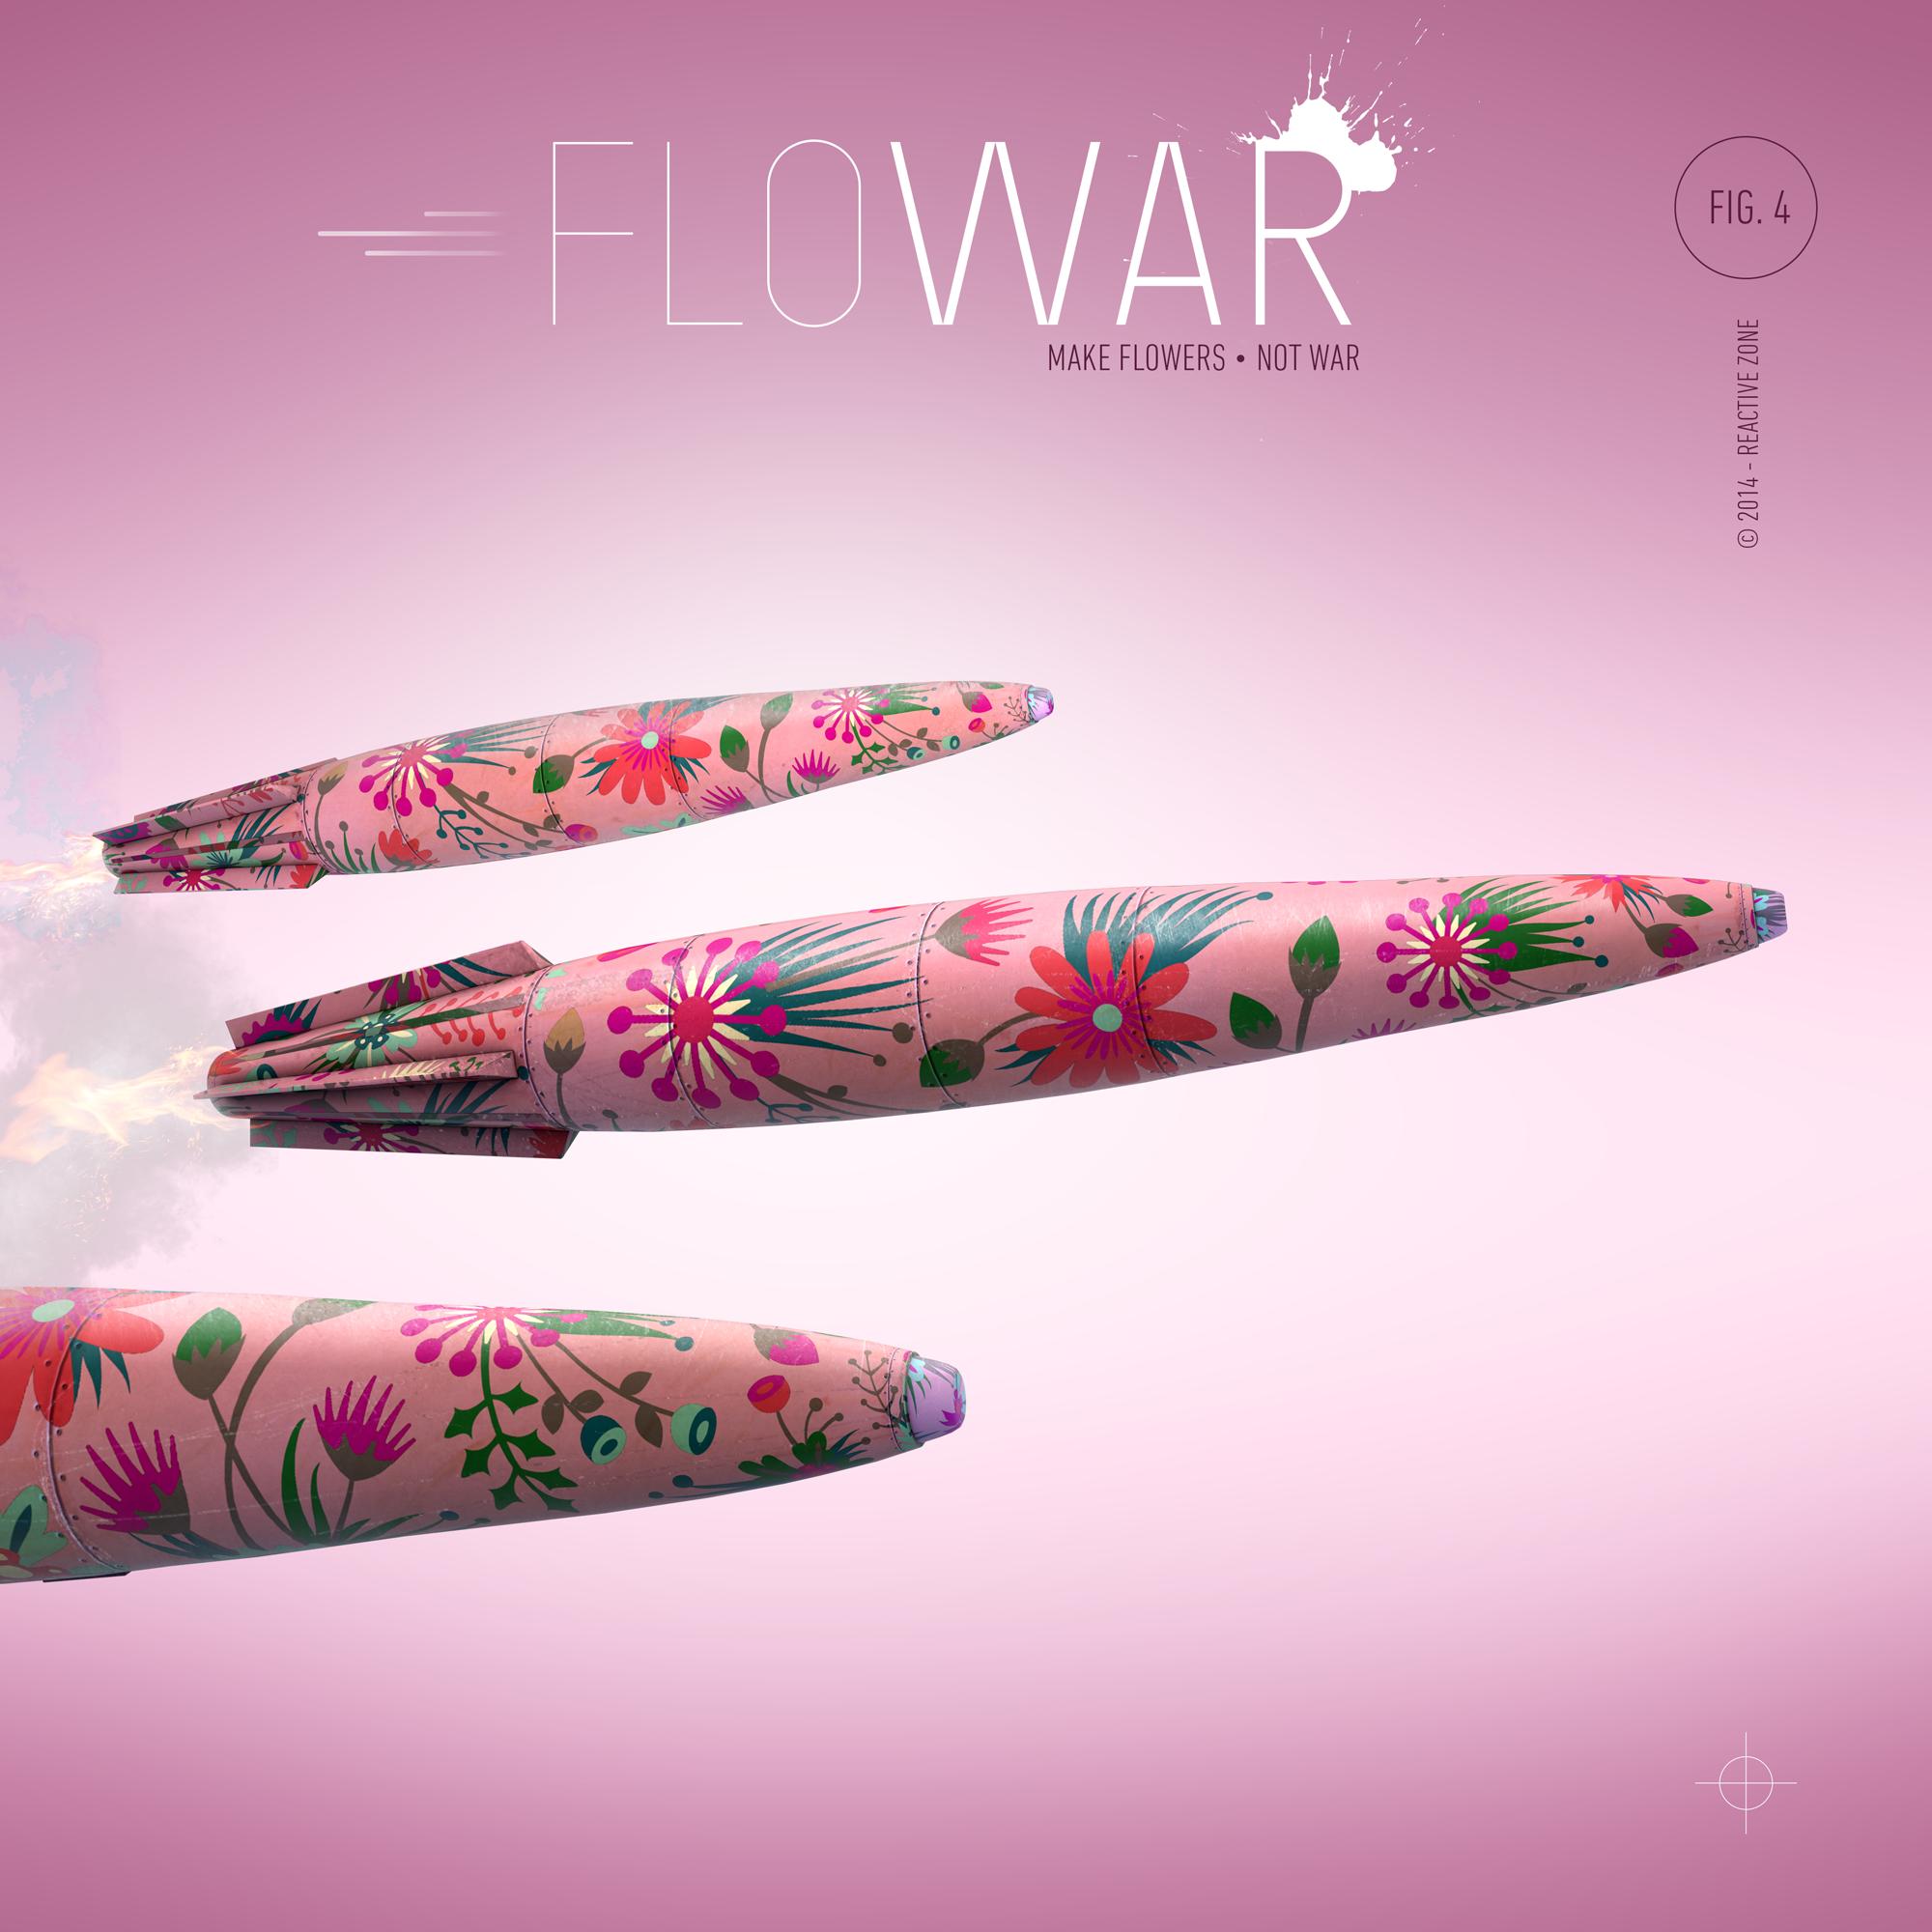 Flower-Power-Master-05